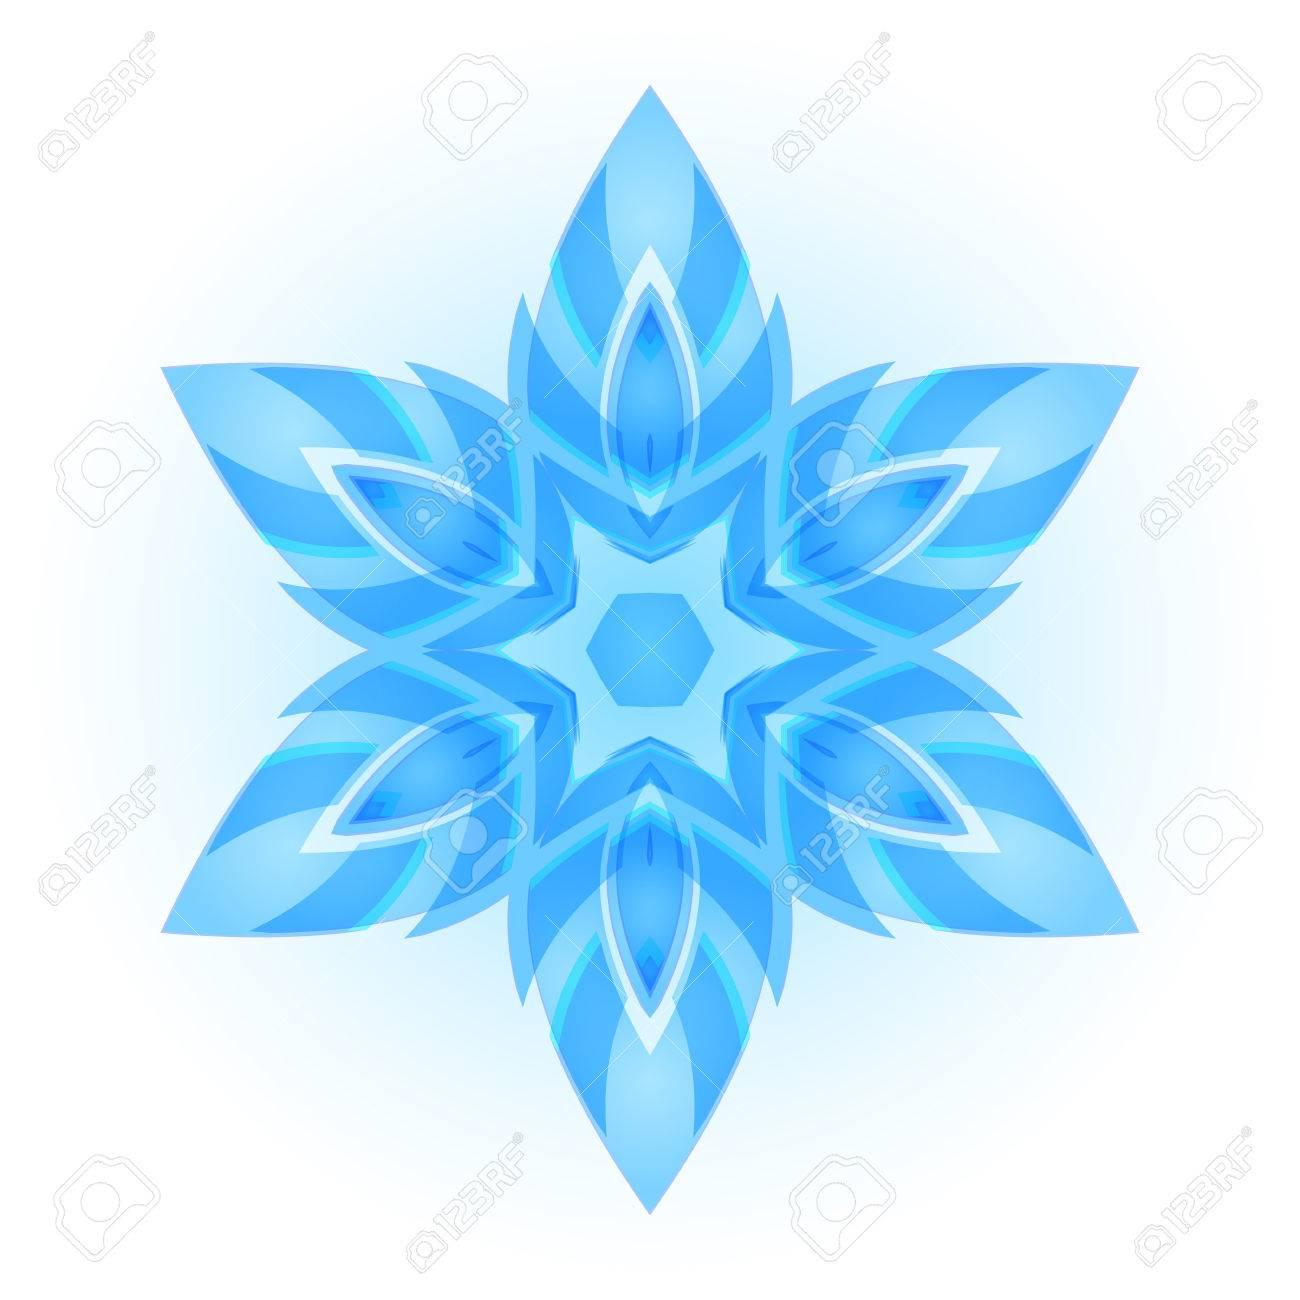 Flocon De Neige Hexagonal Bleu Clair, La Symétrie. Fond Blanc. pour Arts Visuels Symétrie